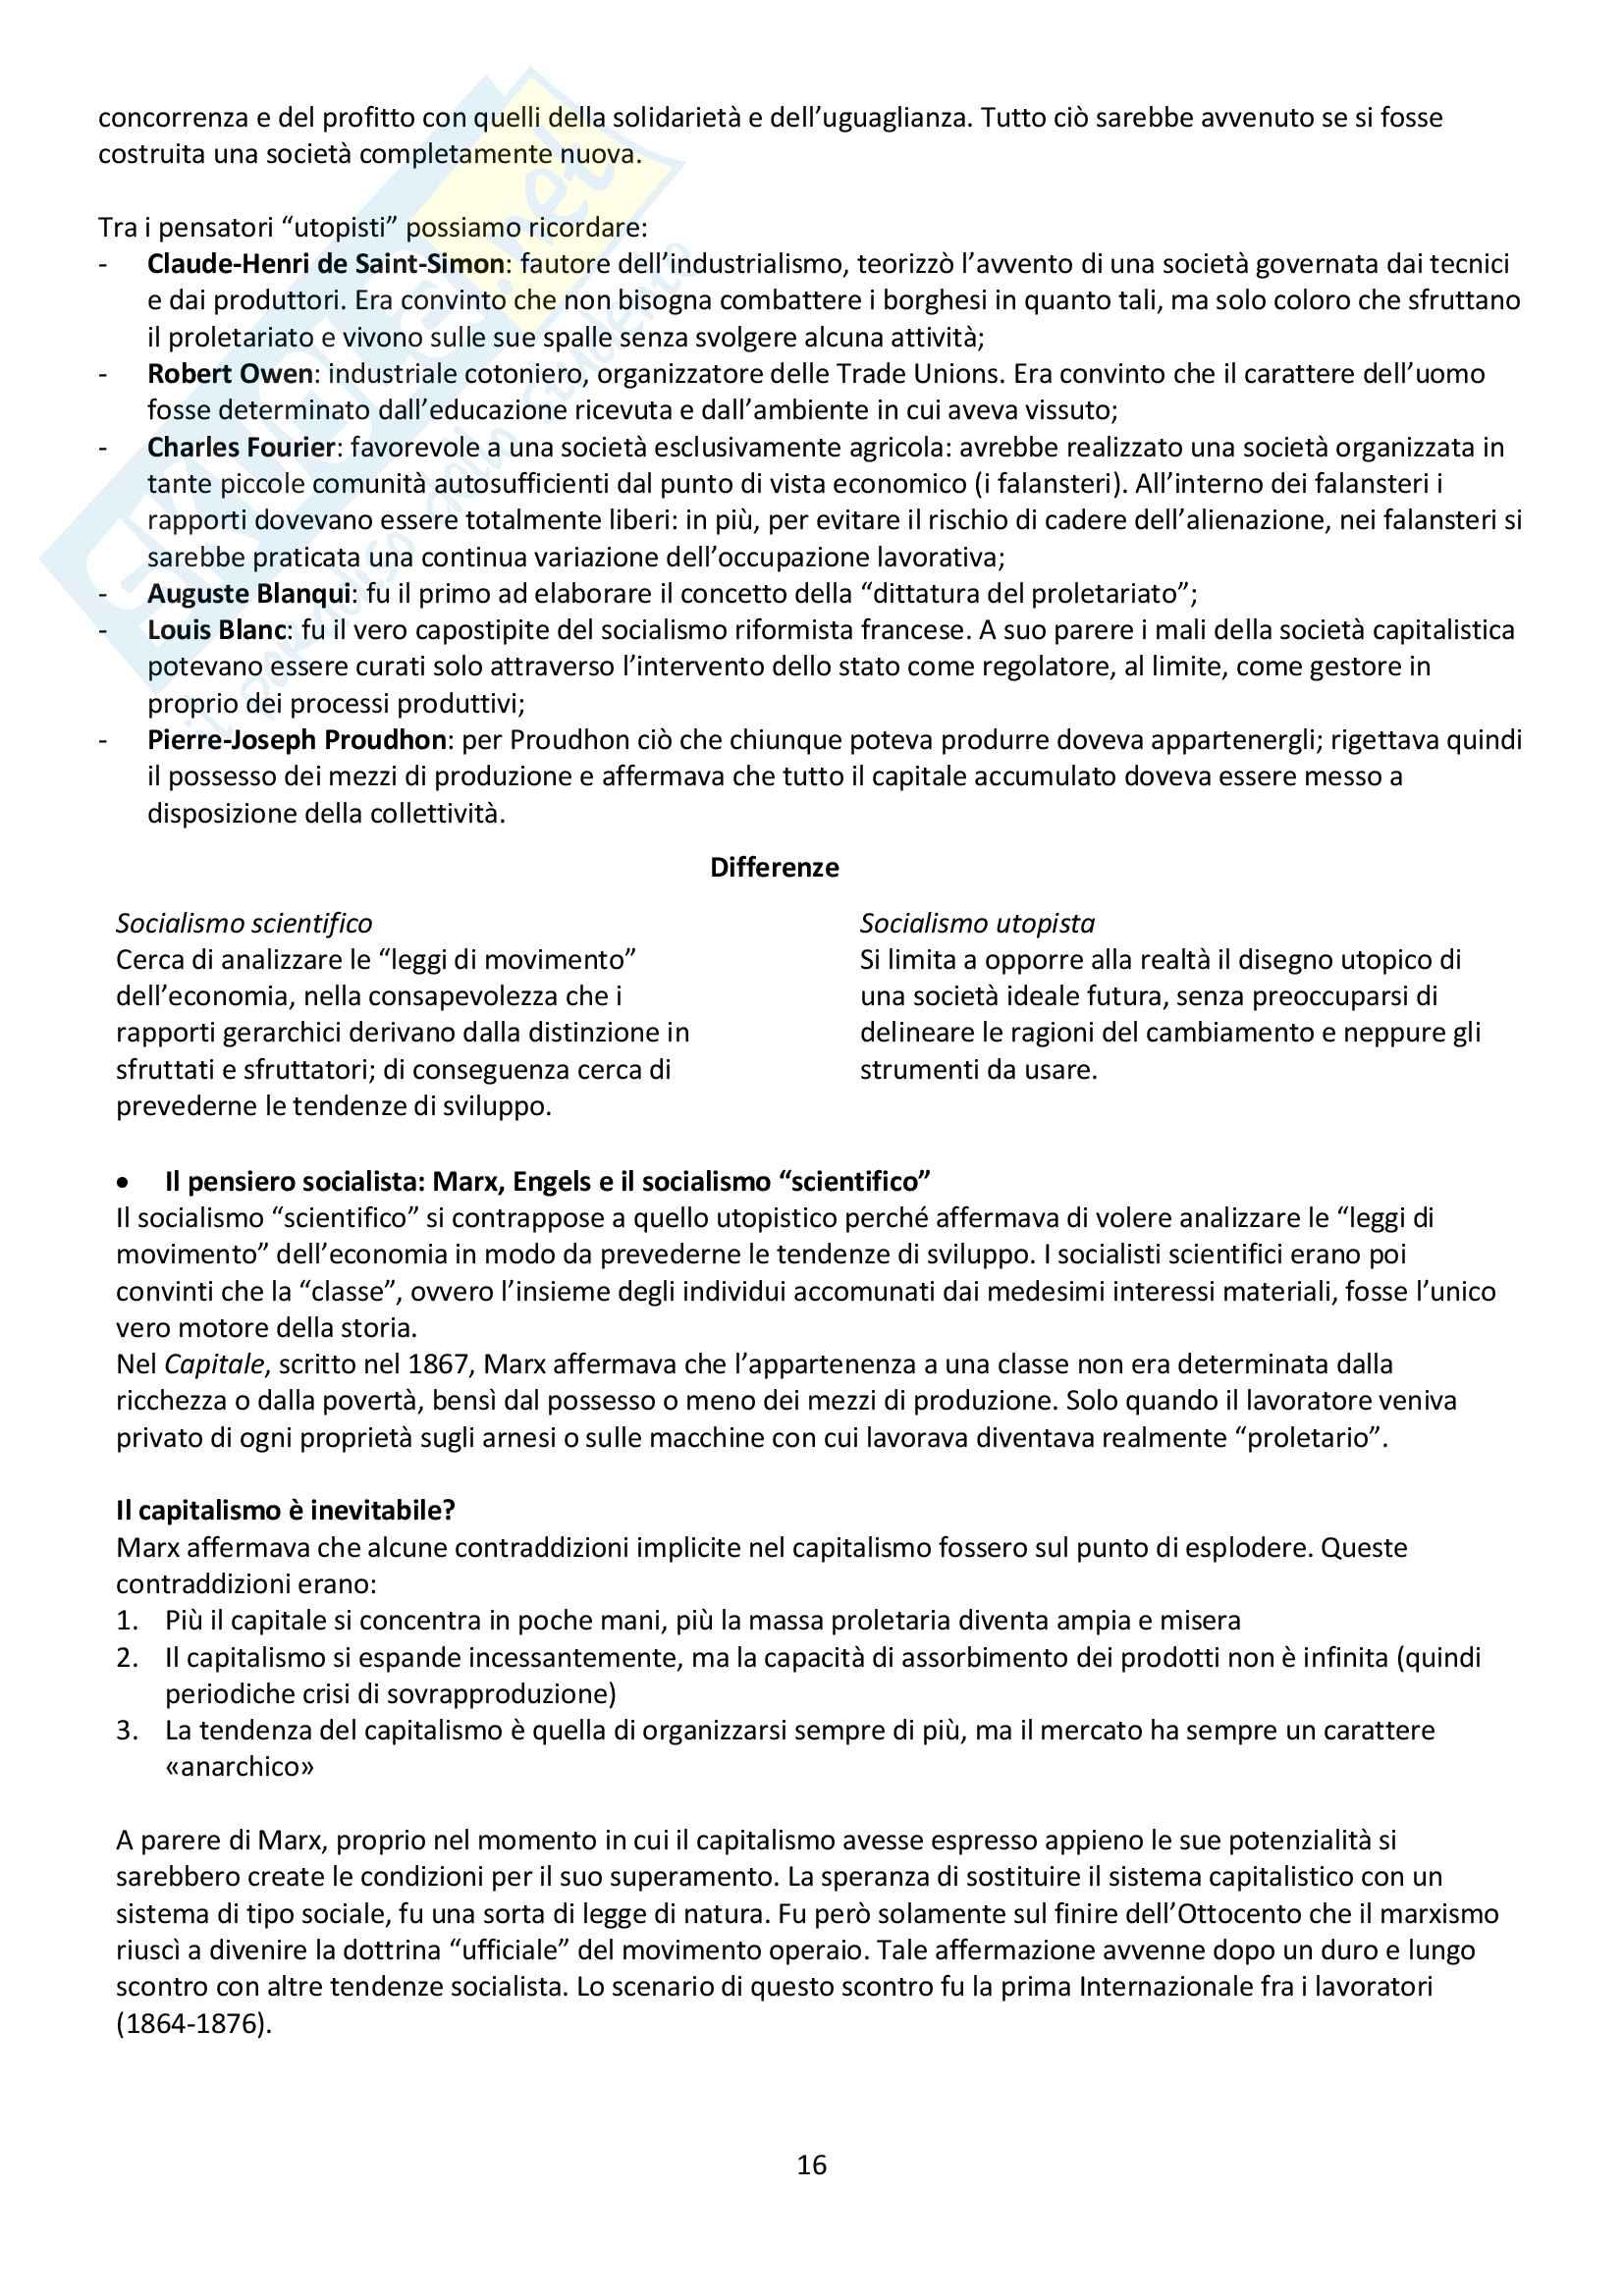 """Riassunto esame storia contemporanea, prof. Baravelli. Libro consigliato """"Venti lezioni di storia contemporanea dal 1848 ad oggi"""", Andrea Baravelli, Ilaria Cerioli Pag. 16"""